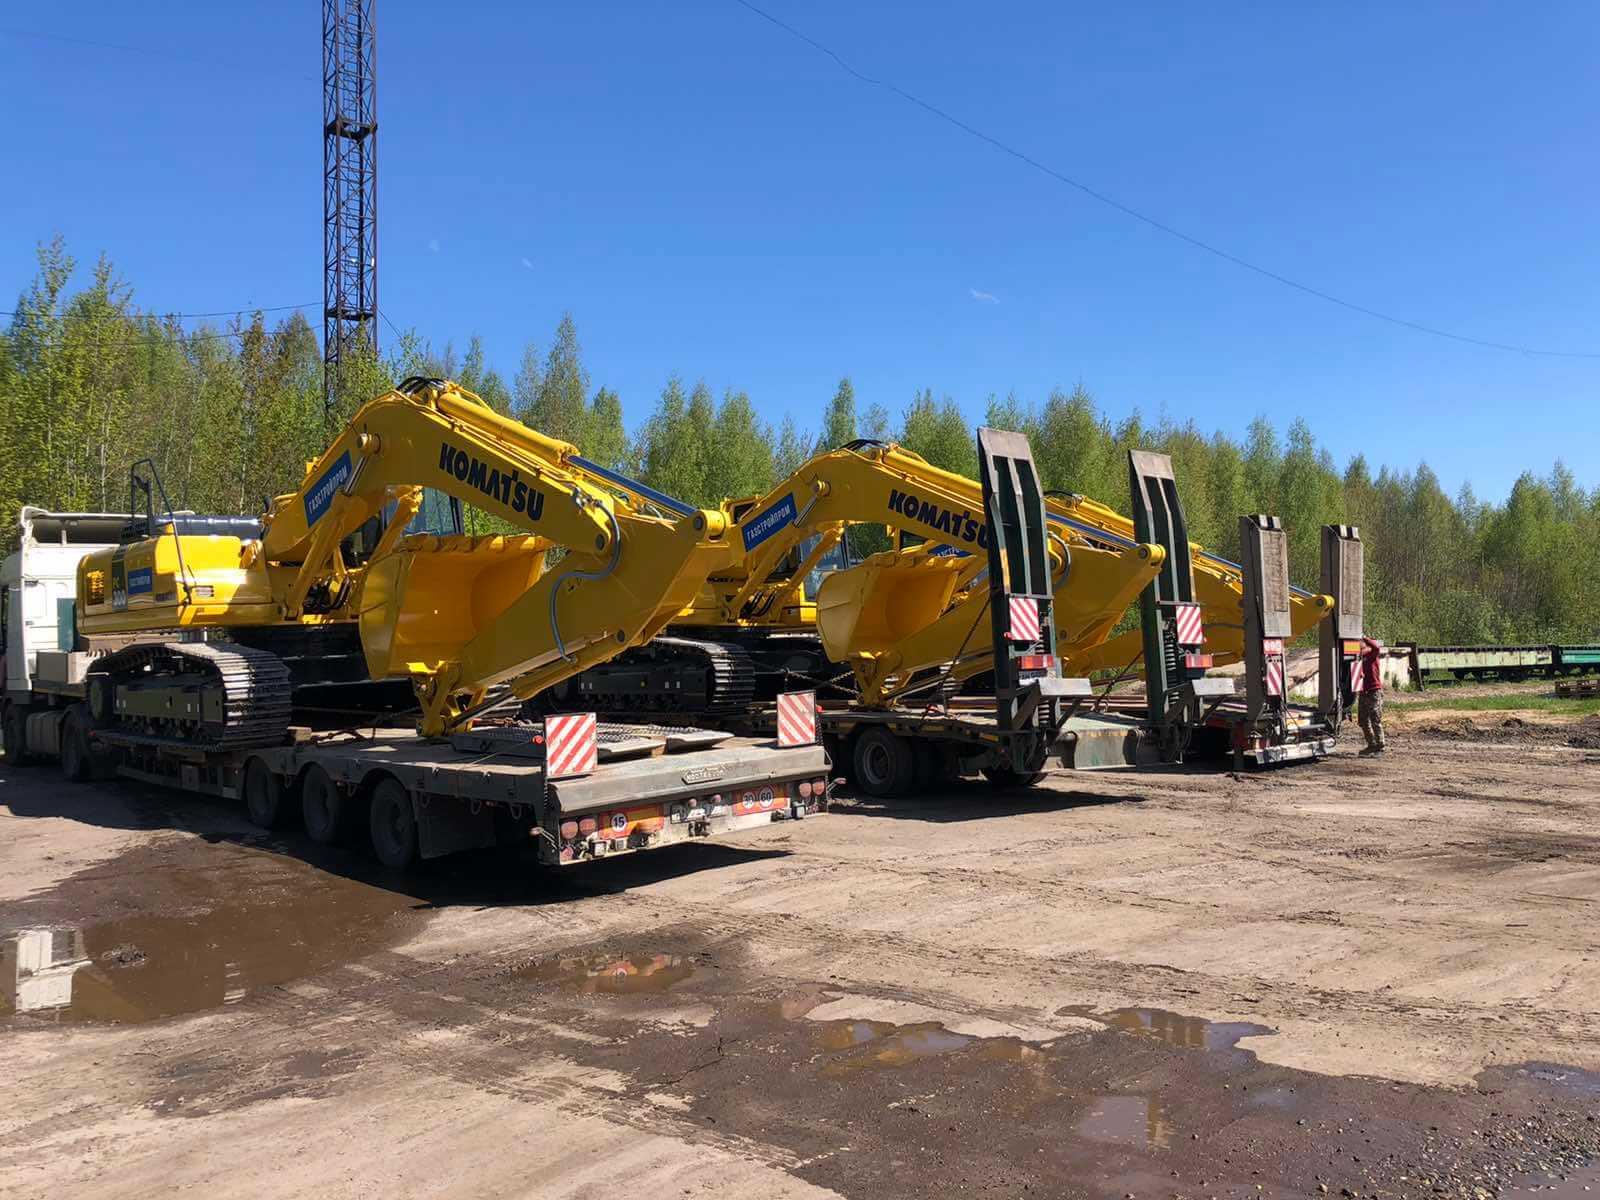 Перевозка экскаваторов с завода Komatsu на жд станцию для дальнейшей доставки заказчикам